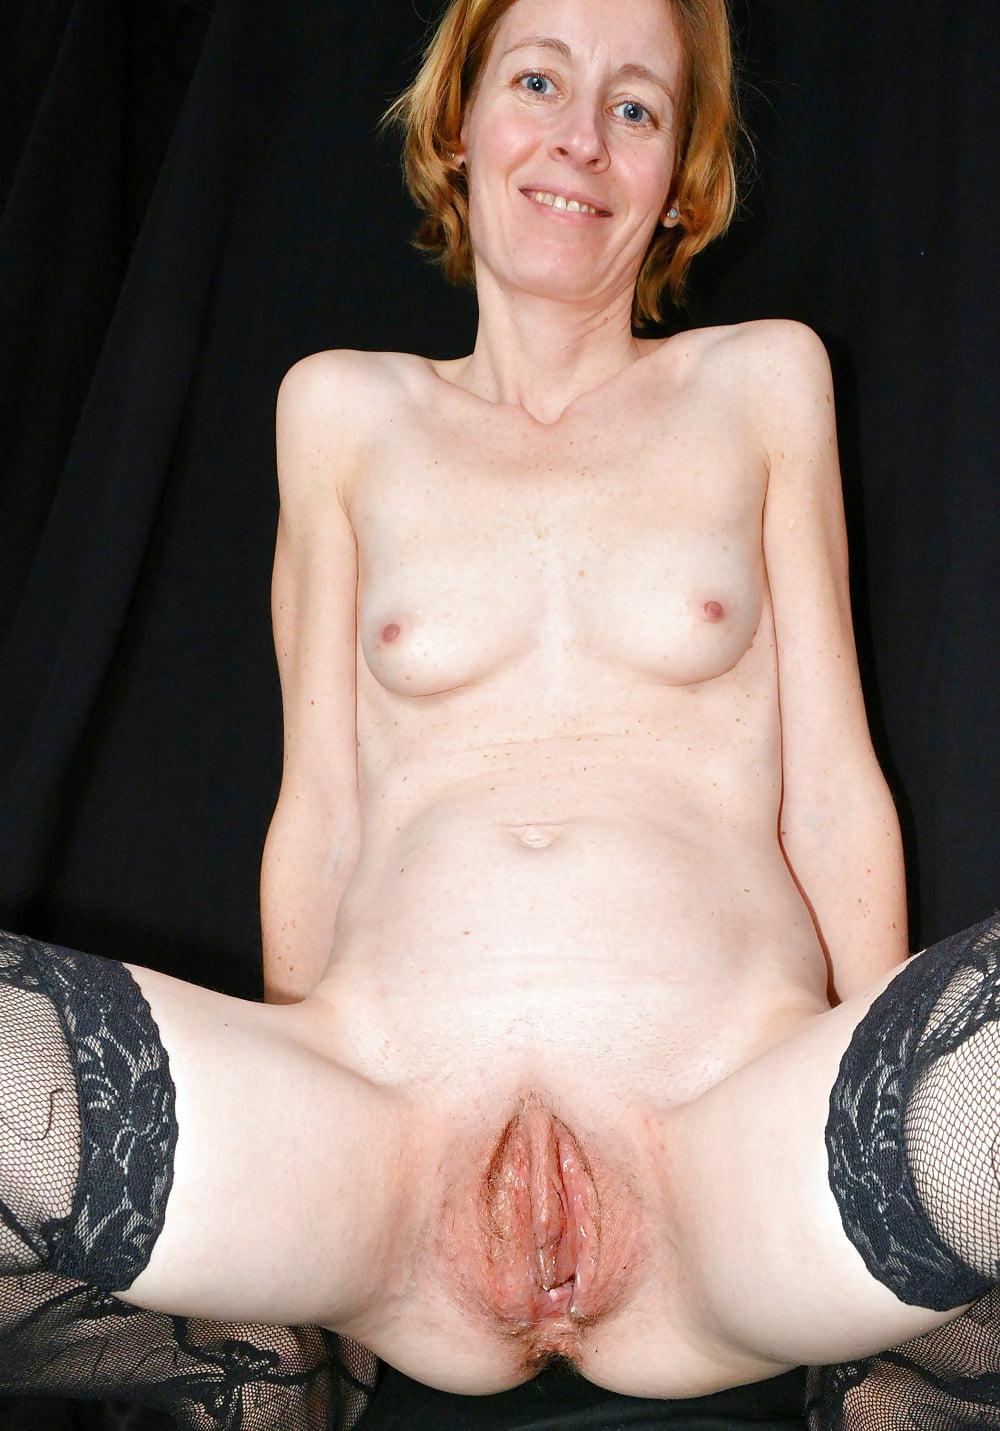 Small tits mature milf pics — 12